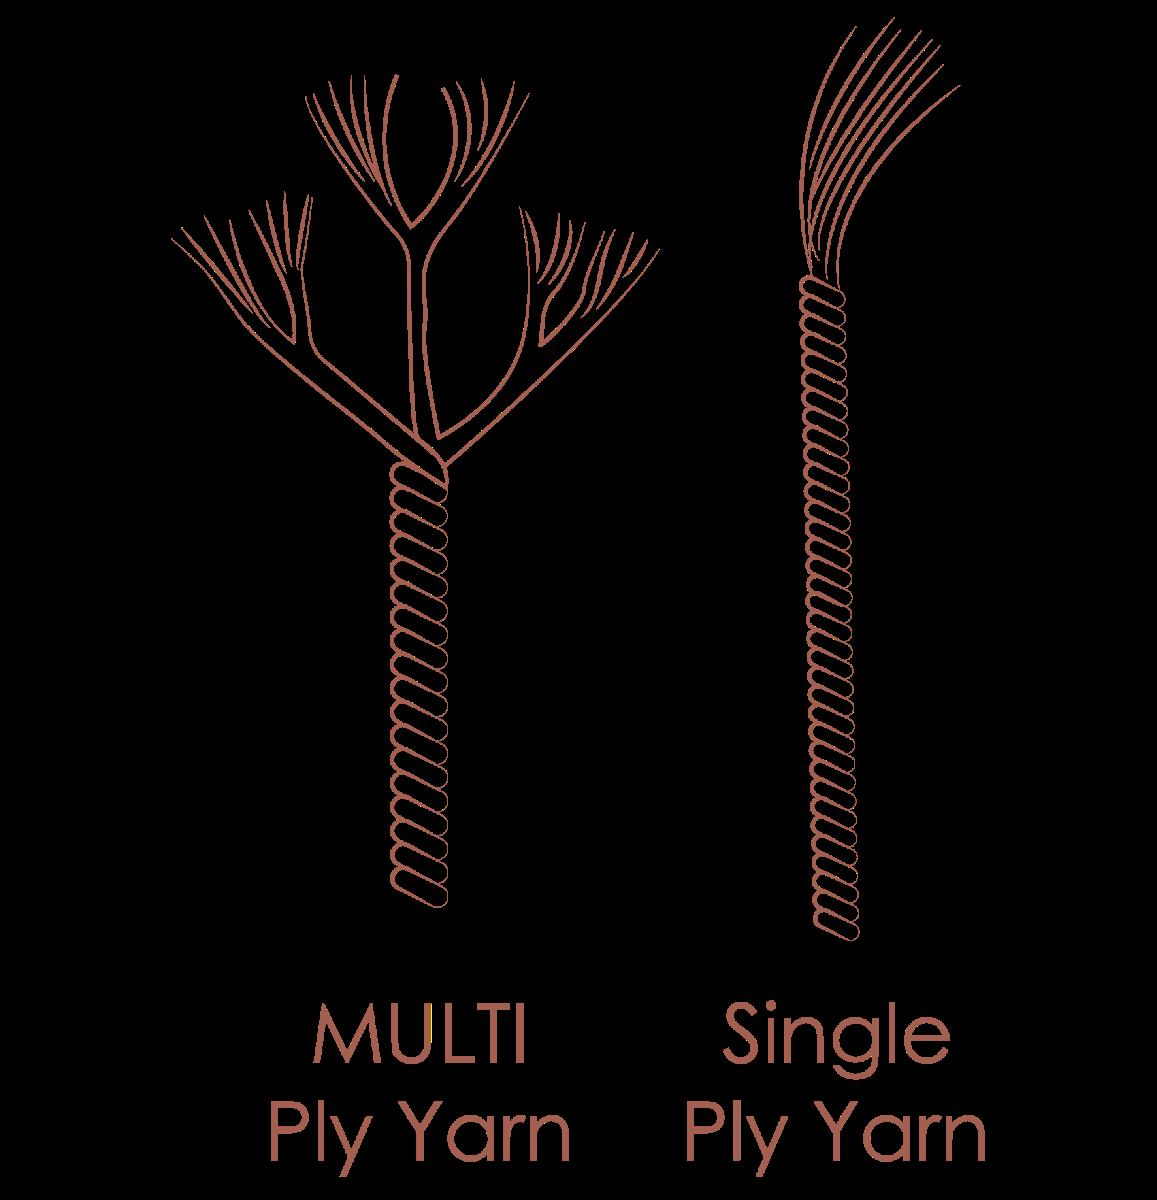 Signle Ply Yarn